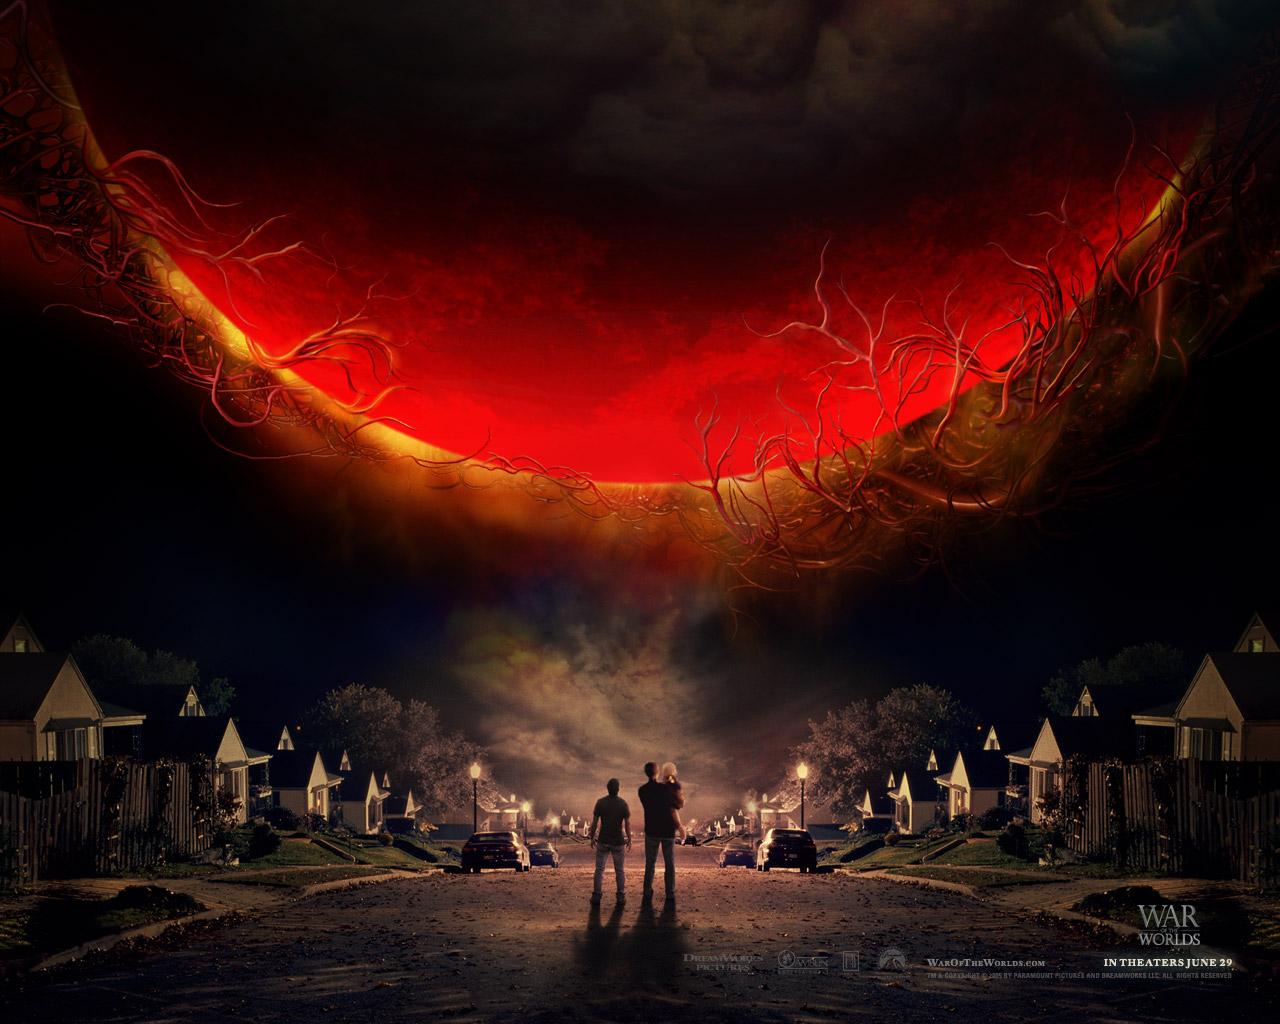 http://3.bp.blogspot.com/-mKxFlfNyDT0/Tem6RTL9XDI/AAAAAAAAABw/zAlImwbPaas/s1600/02-3d+wallpaper.jpg